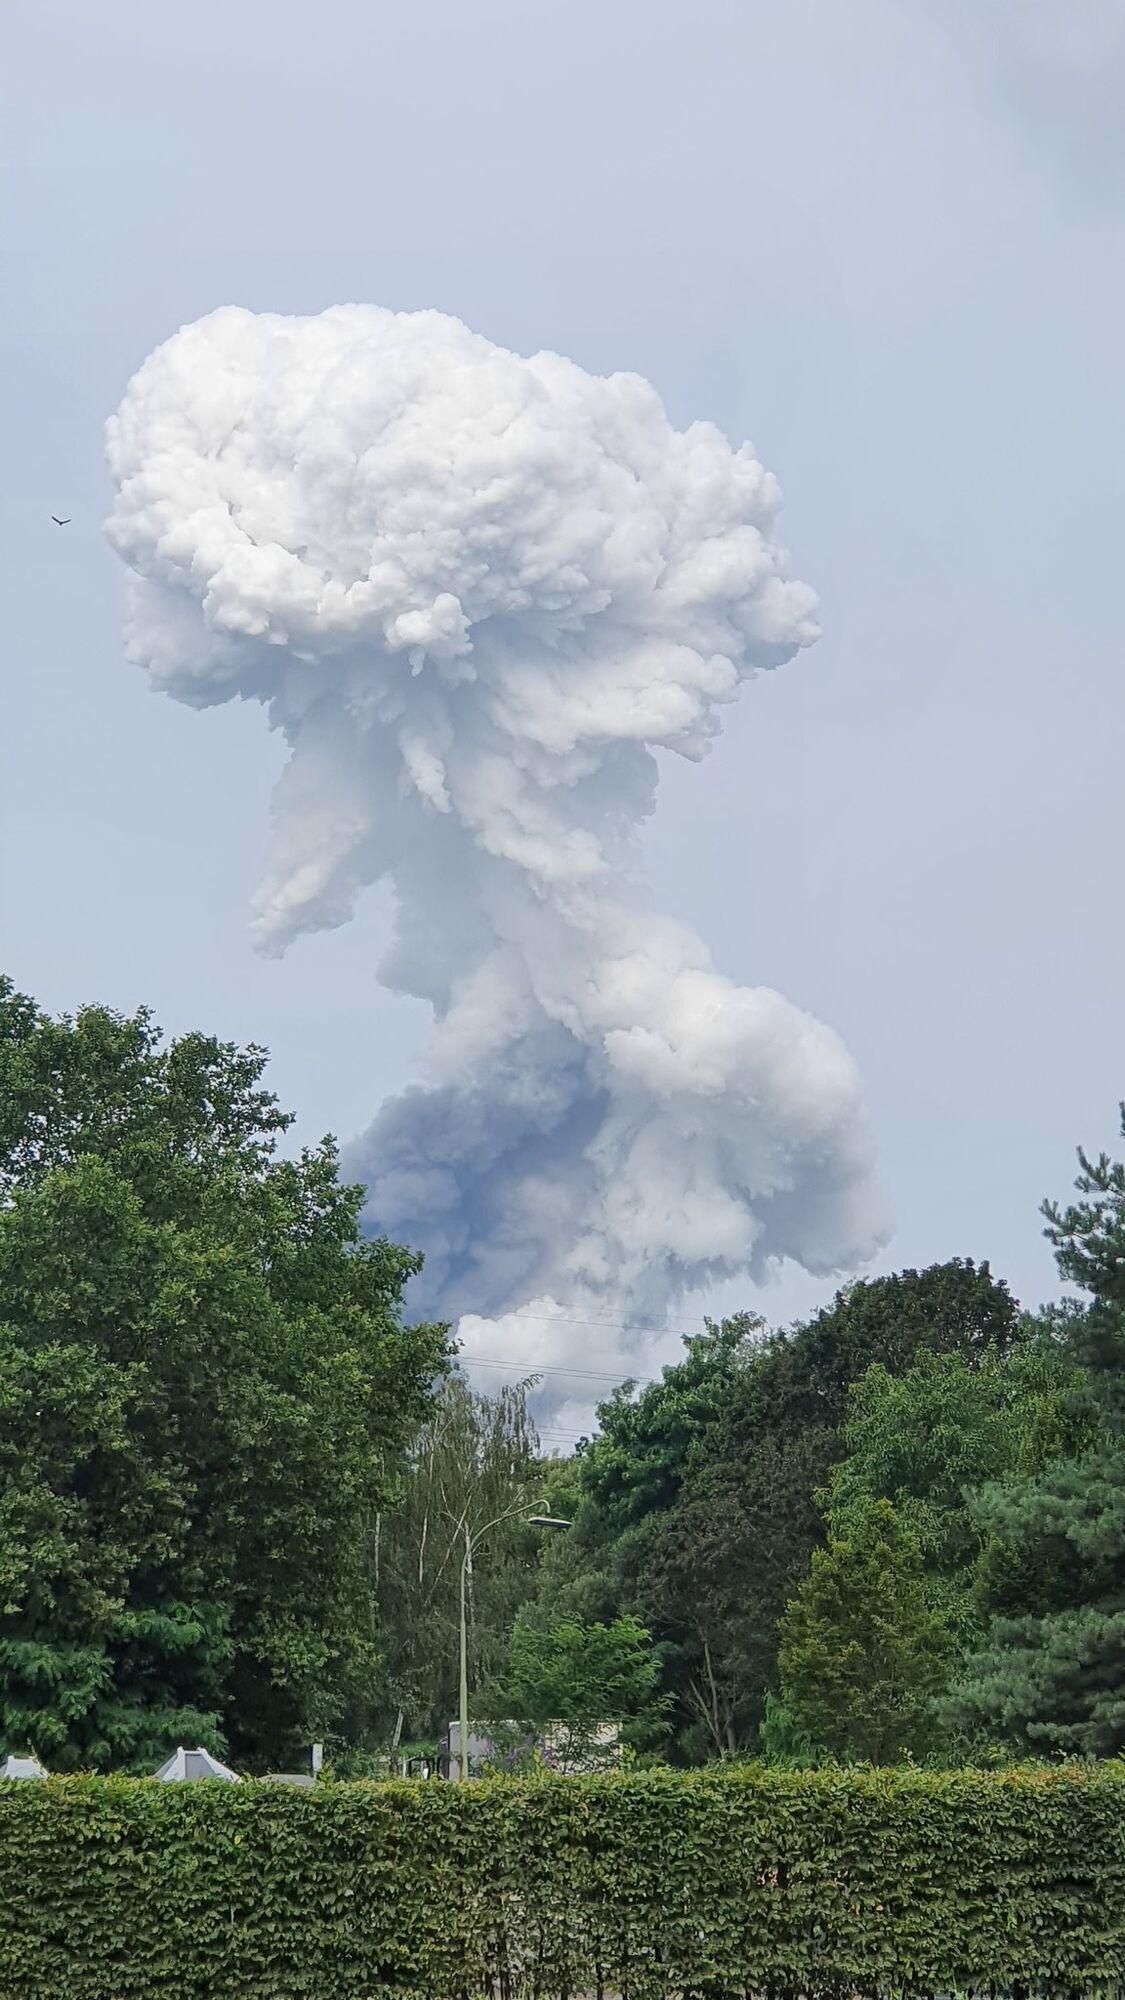 Після вибуху в небо піднявся стовп густого диму